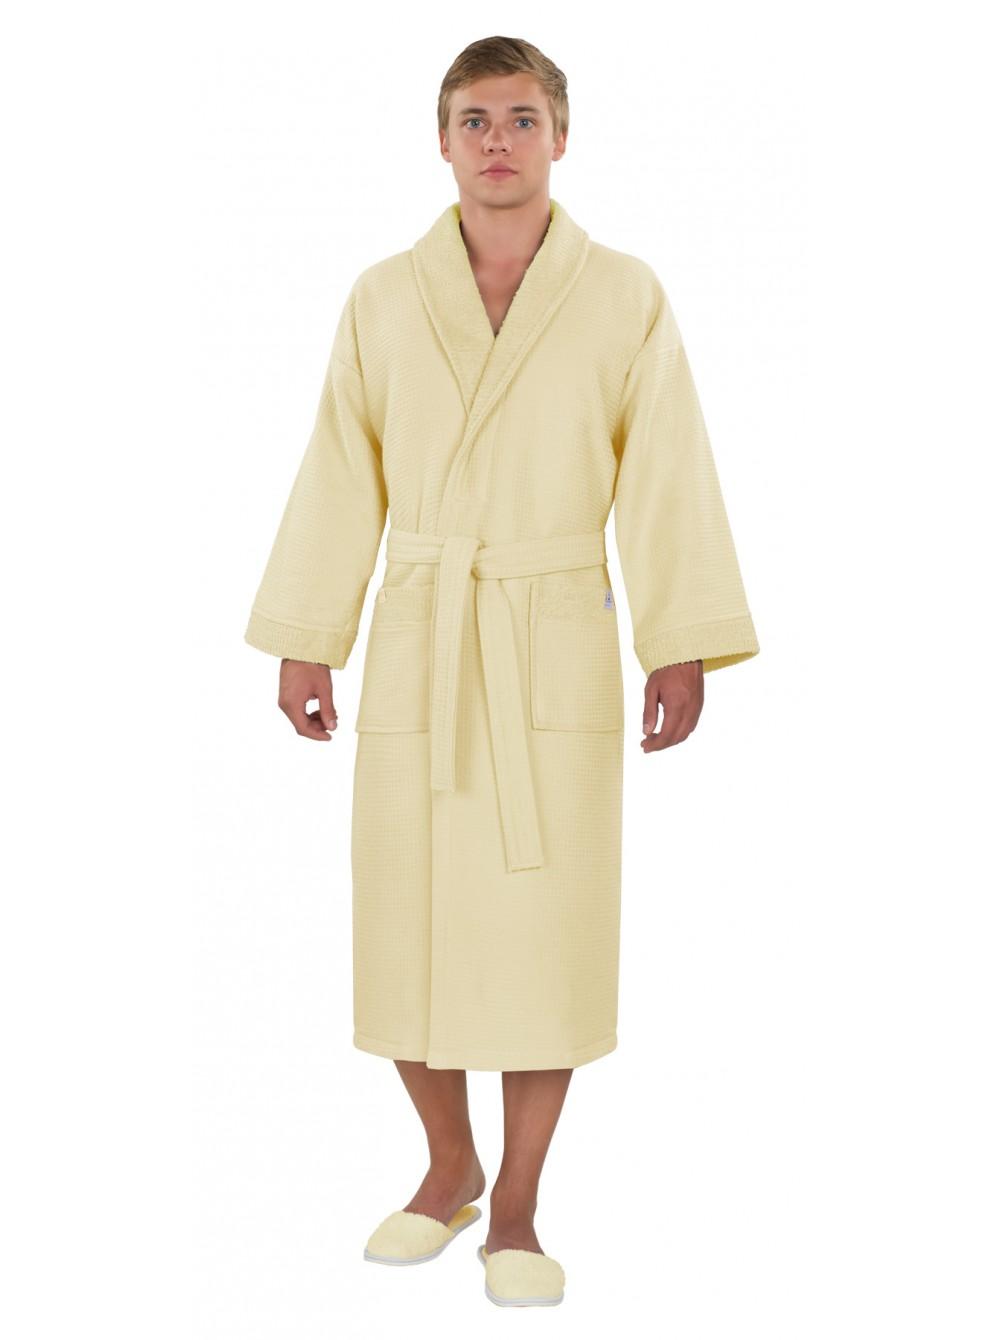 Вафельные халаты для бани и сауны: что важно знать